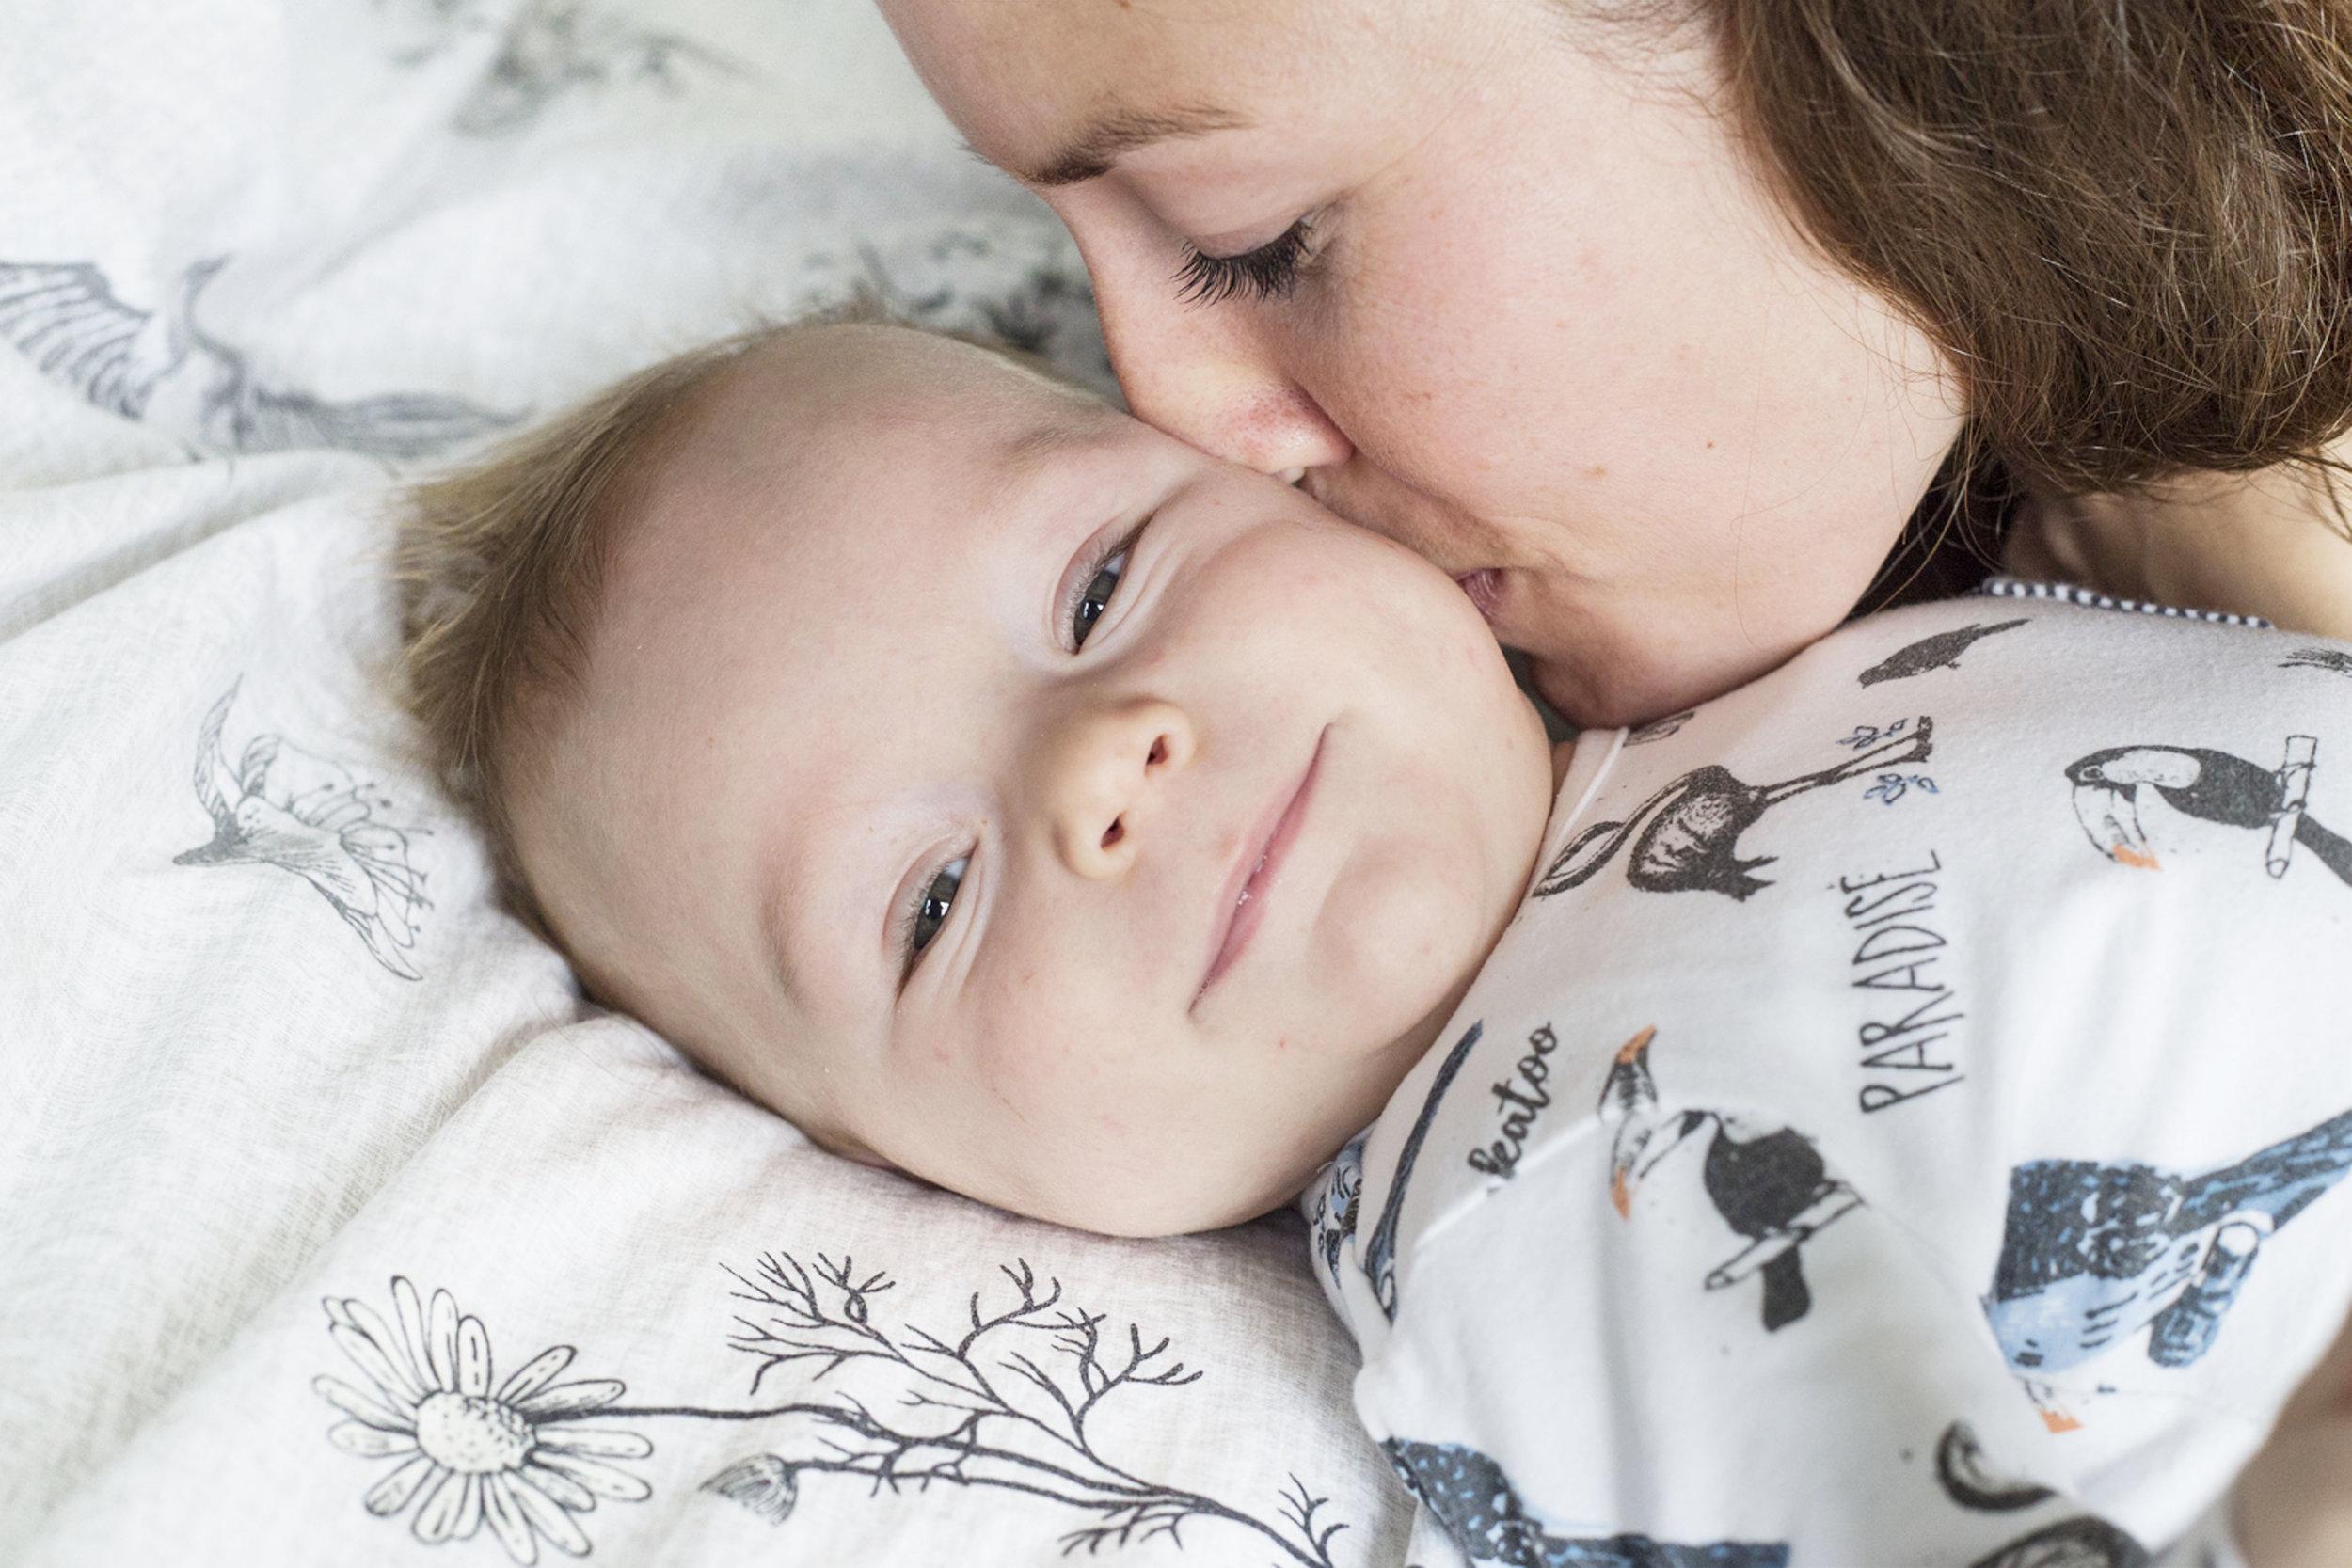 """'Hoe mooi om deze herinneringen extra te kunnen koesteren' - '""""Toen Bram vier maanden oud was, hebben we een baby shoot met Kiri gedaan. Ik vond het best spannend hoe Bram het zou vinden, maar Kiri was zo ontspannen en zorgde voor een goede sfeer, waardoor ze echt mooie foto's heeft kunnen maken! We zijn heel blij met het resultaat en ook trots dat hij zo mooi is vastgelegd voor nu en ook voor later.De babytijd vliegt voorbij, dus hoe mooi is het om juist die tijd en herinneringen op deze manier extra te kunnen koesteren!'""""- Annemieke M."""